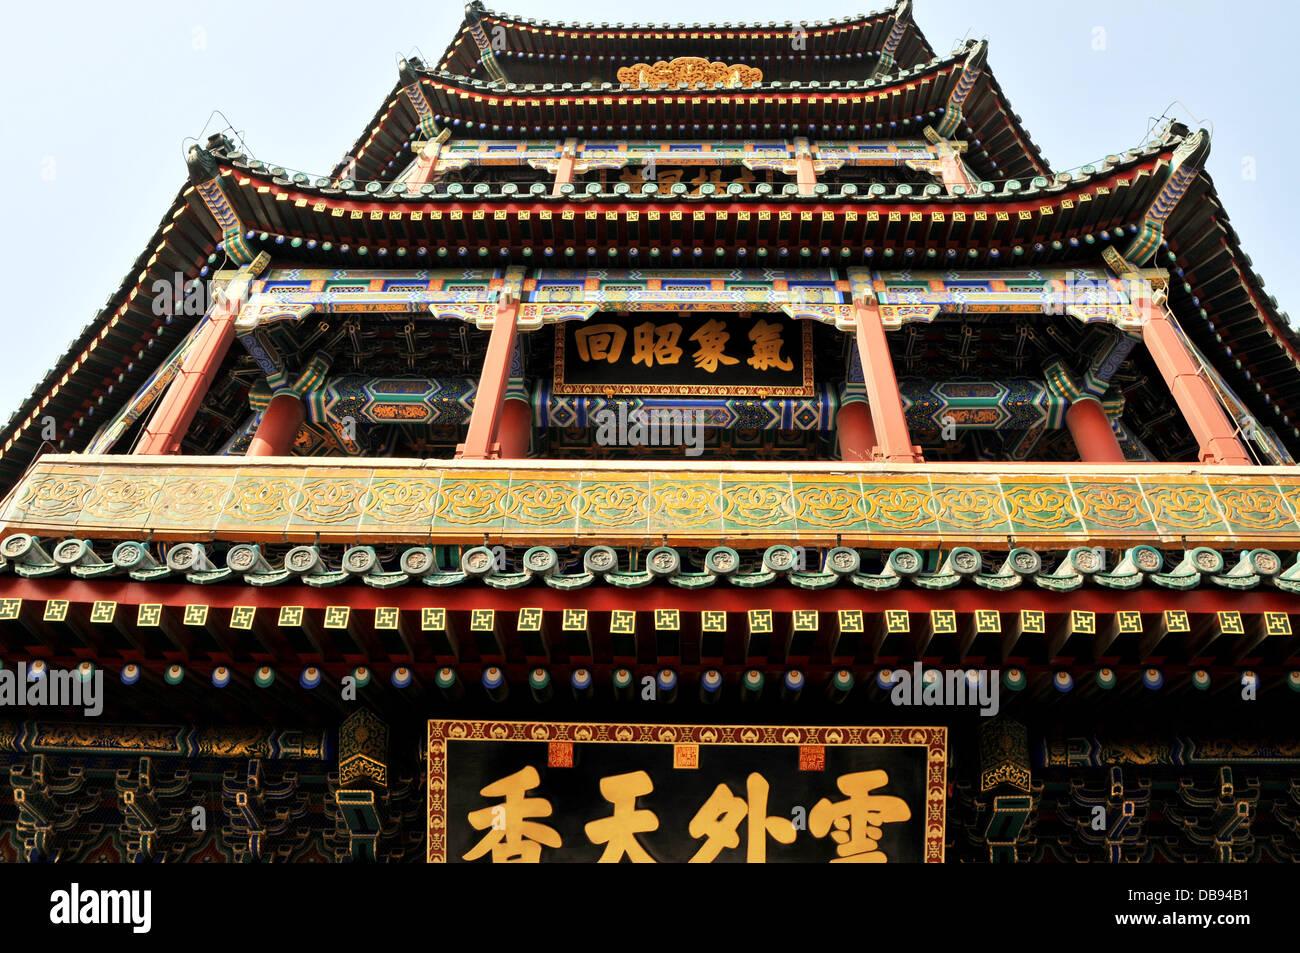 Templo Chino con motivos y cada día la vida de dibujos Imagen De Stock